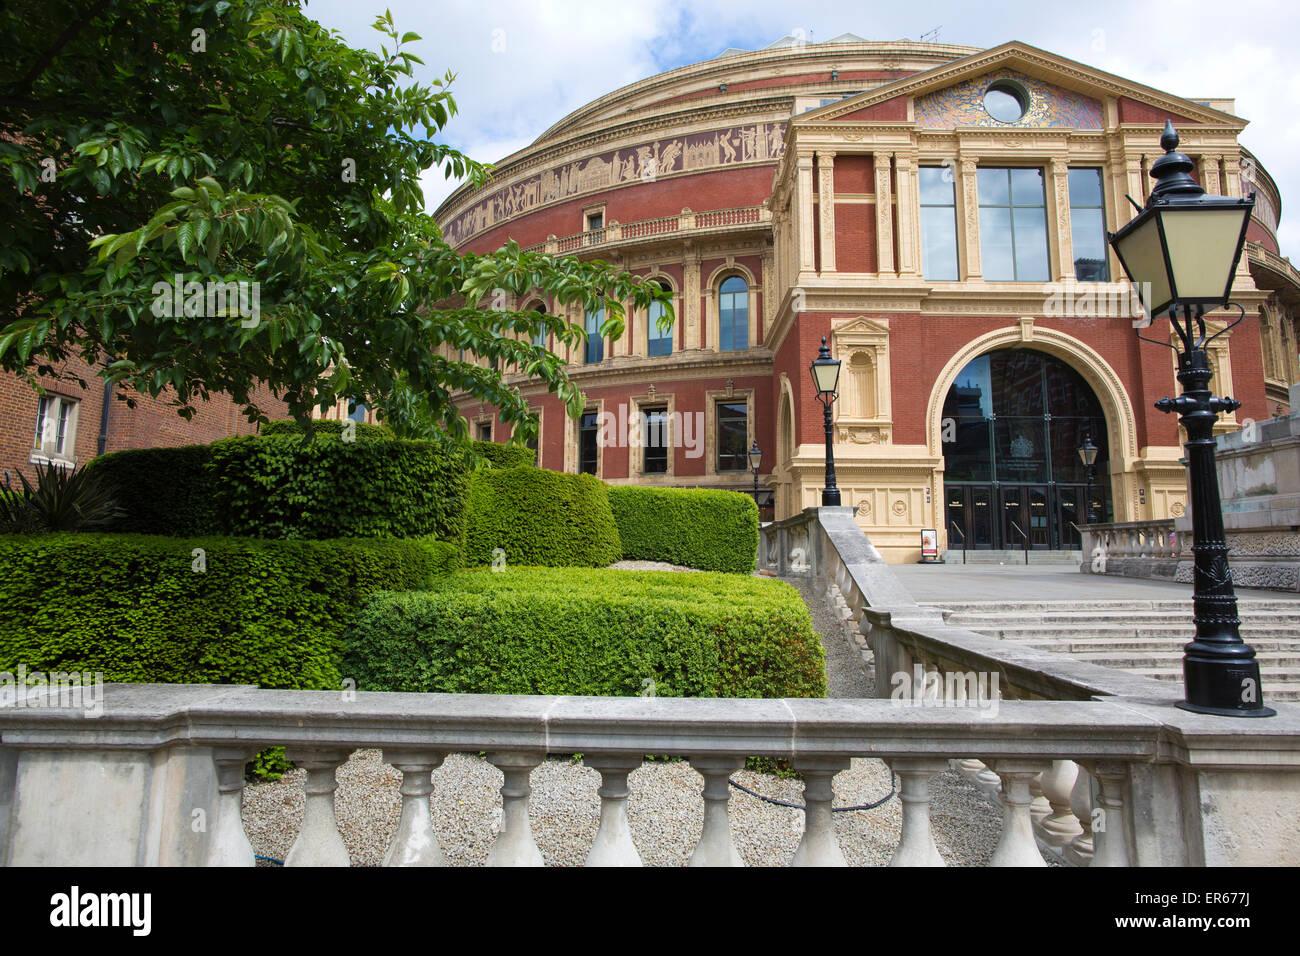 Royal Albert Hall, concert hall, South Kensington, London, England, UK - Stock Image